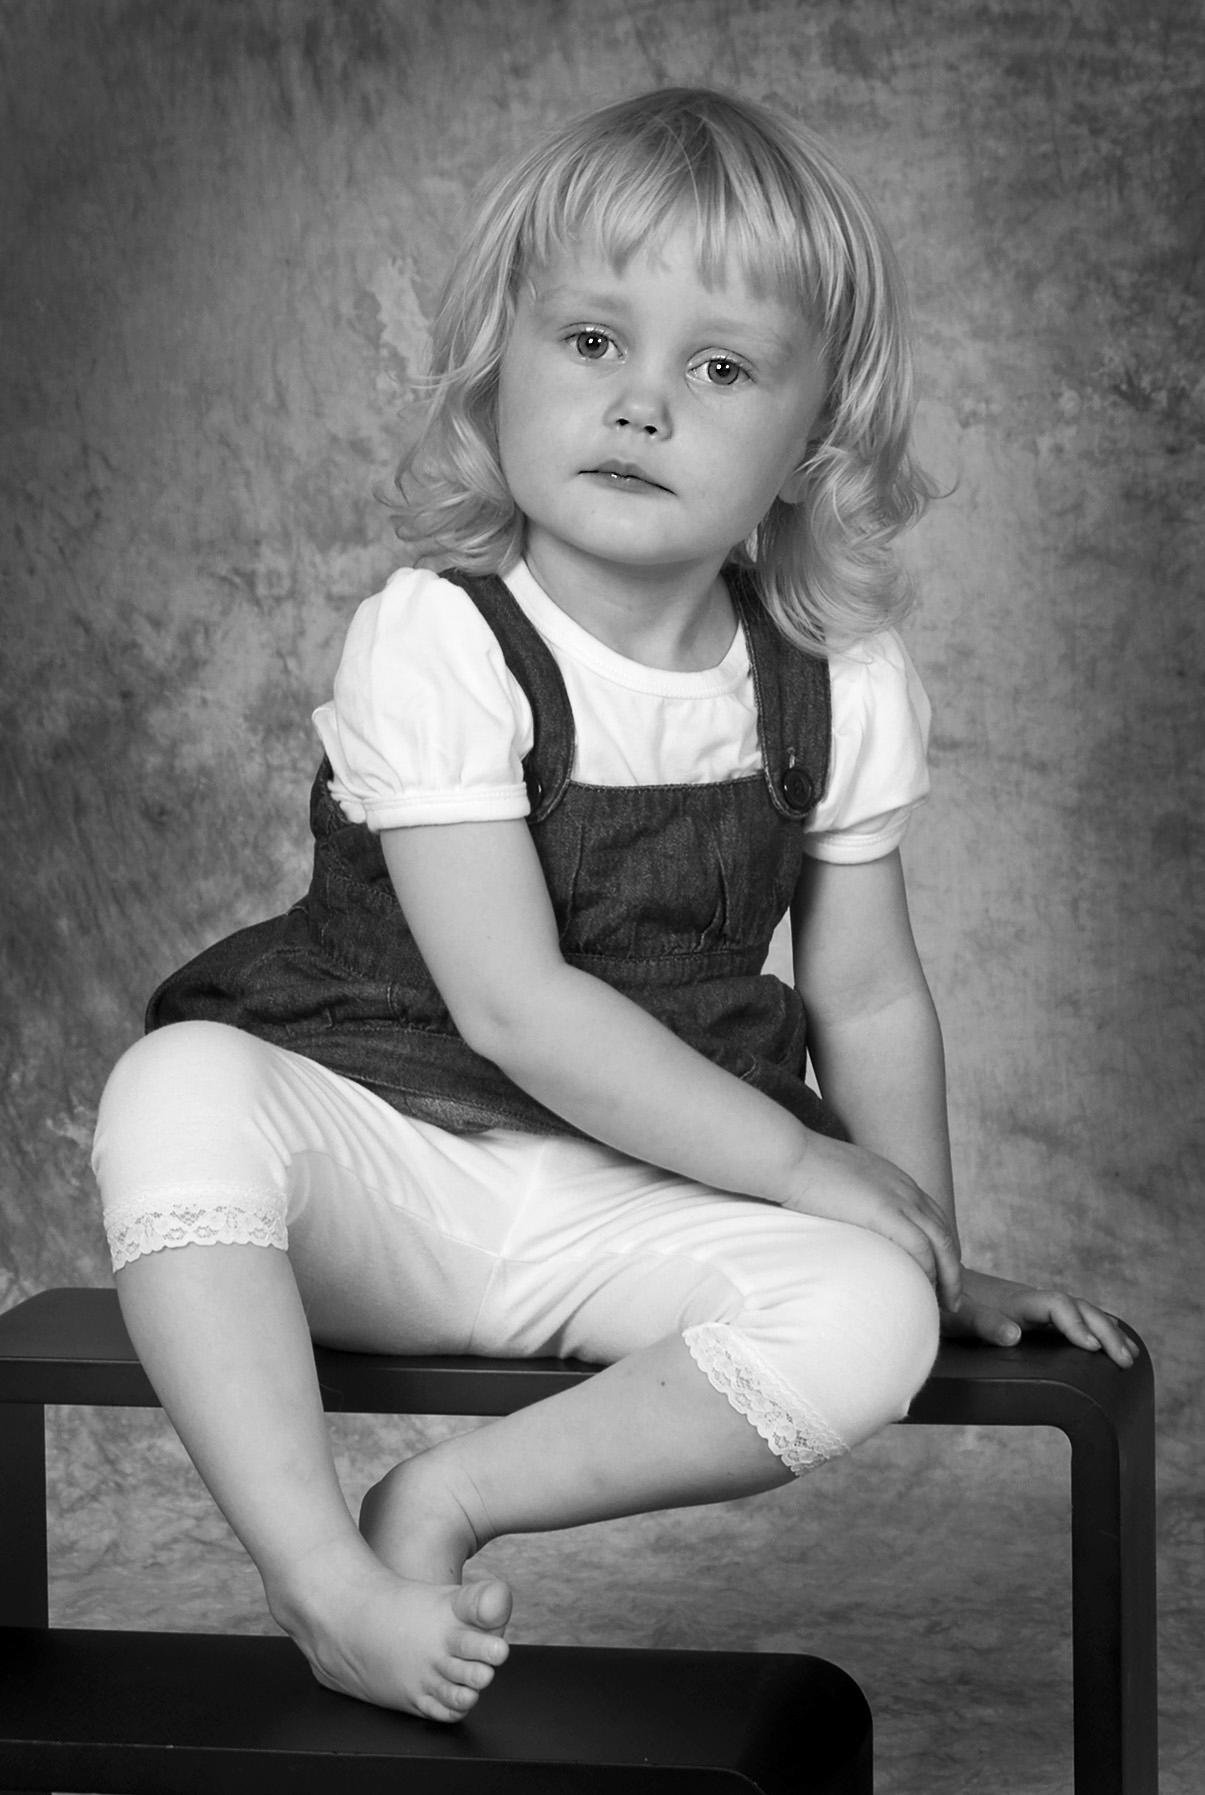 Børnefotograf - pige i sort-hvid